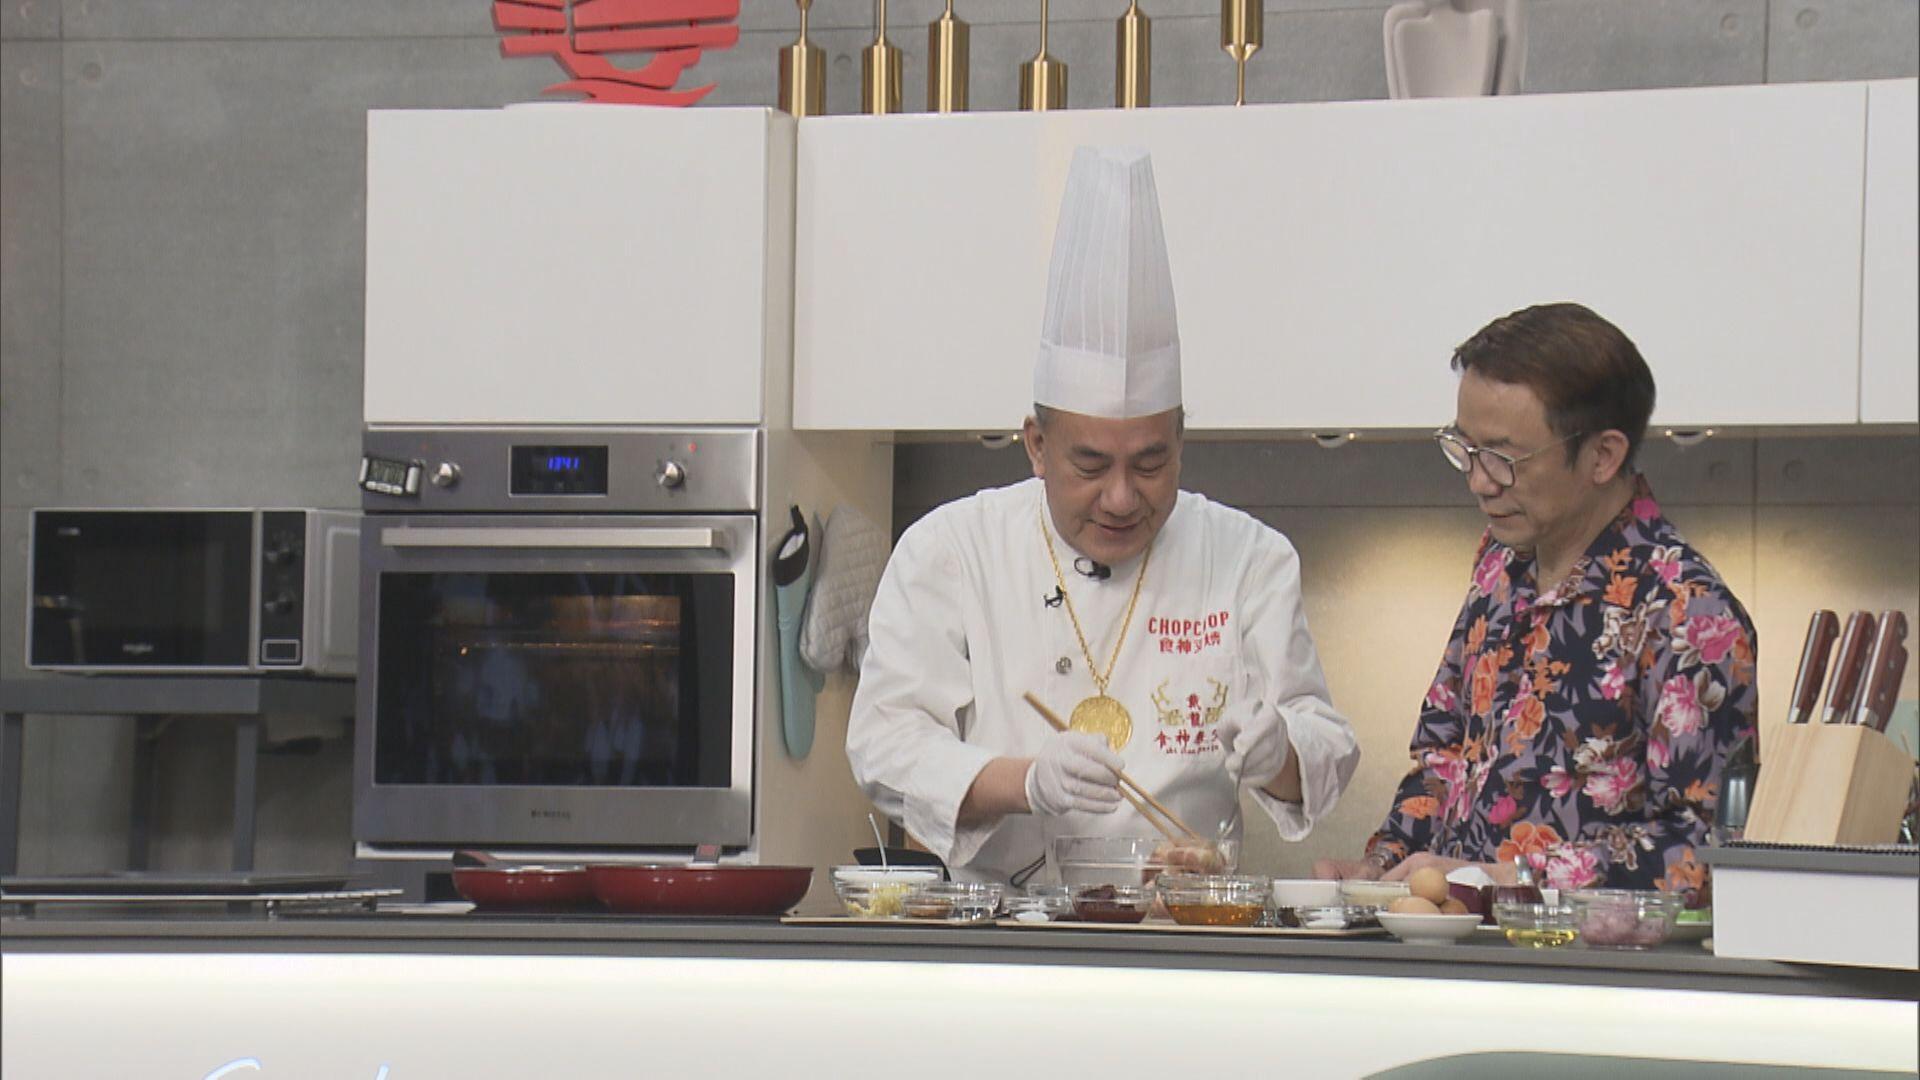 入廚逾50年老師傅網上教學 鼓勵大膽嘗試